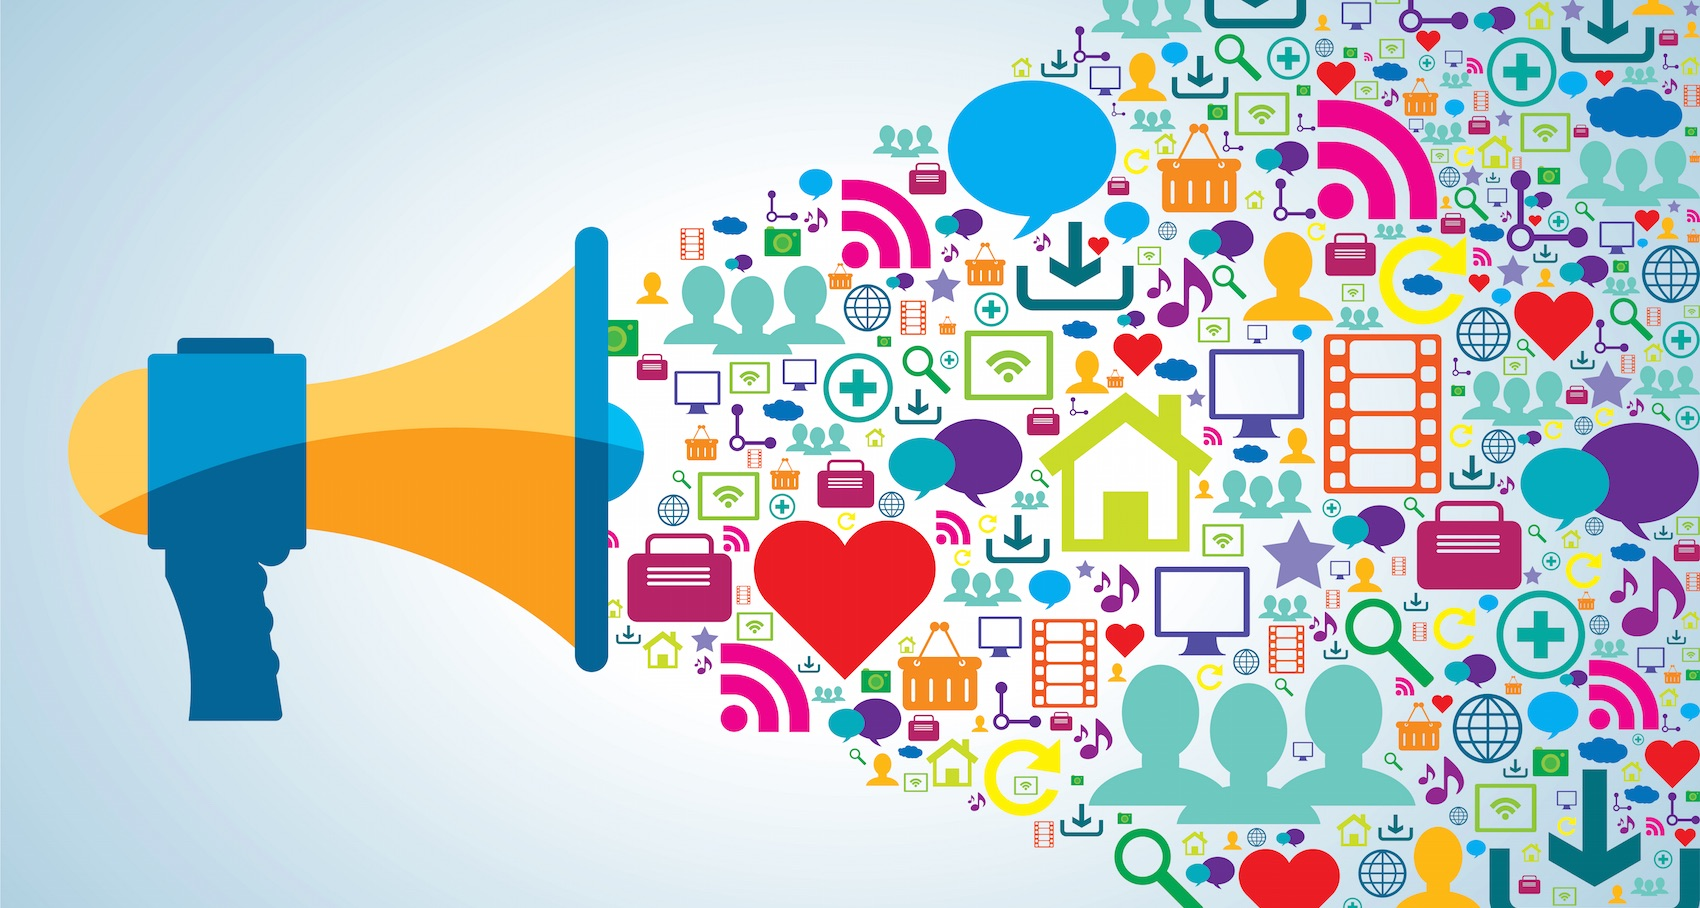 10 Sosial Media yang Paling Banyak Digunakan di Dunia dan di Indonesia